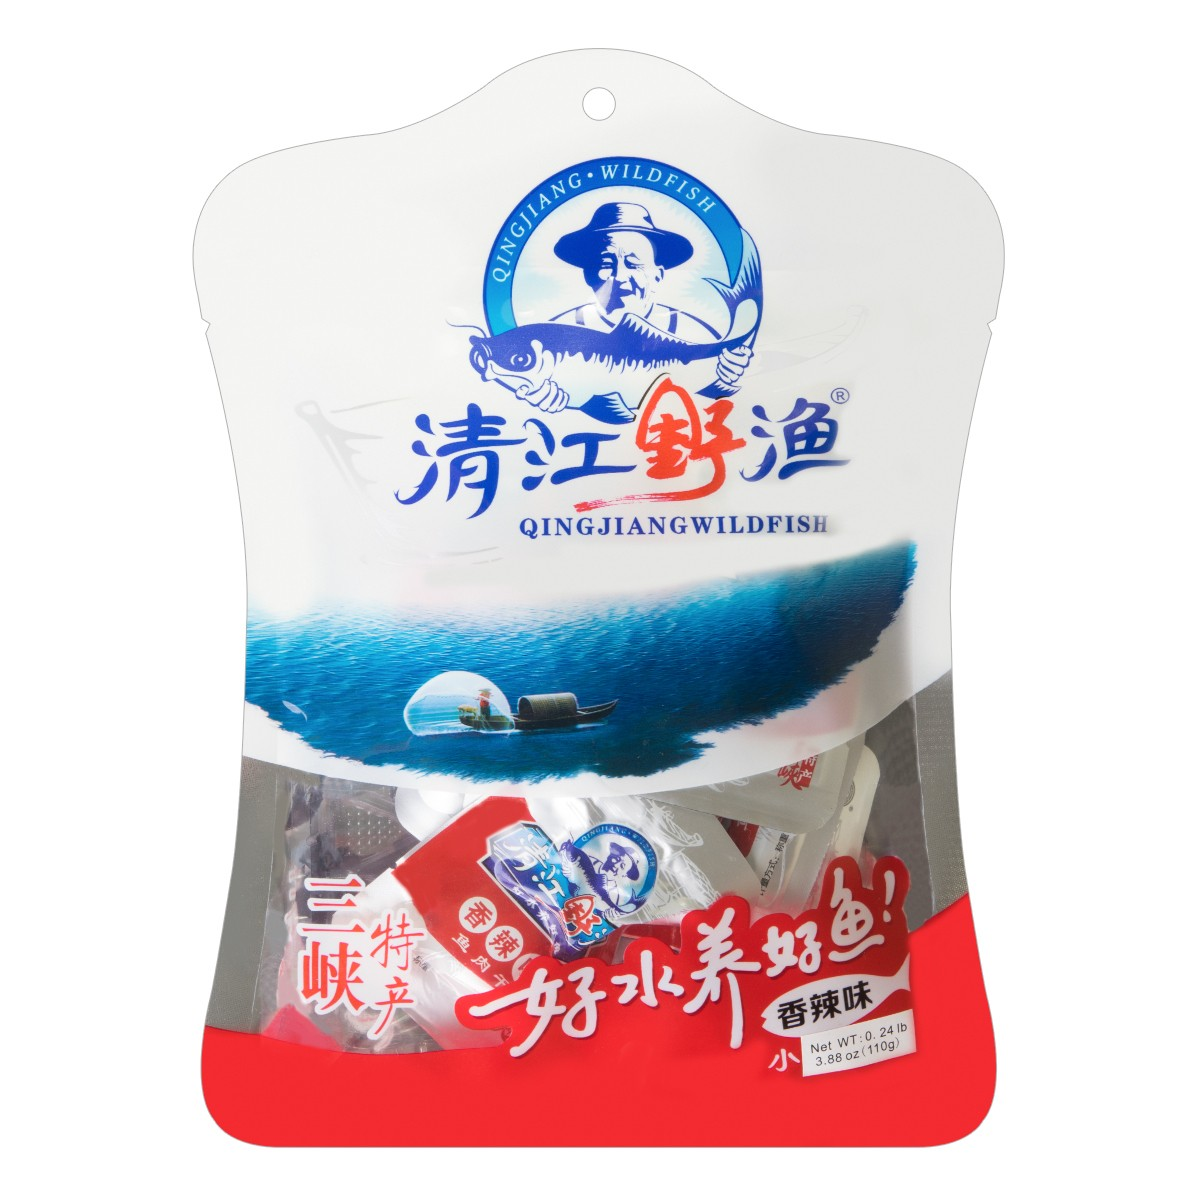 TULAOHAN Qingjiang Wild Fish Spicy Flavor 110g